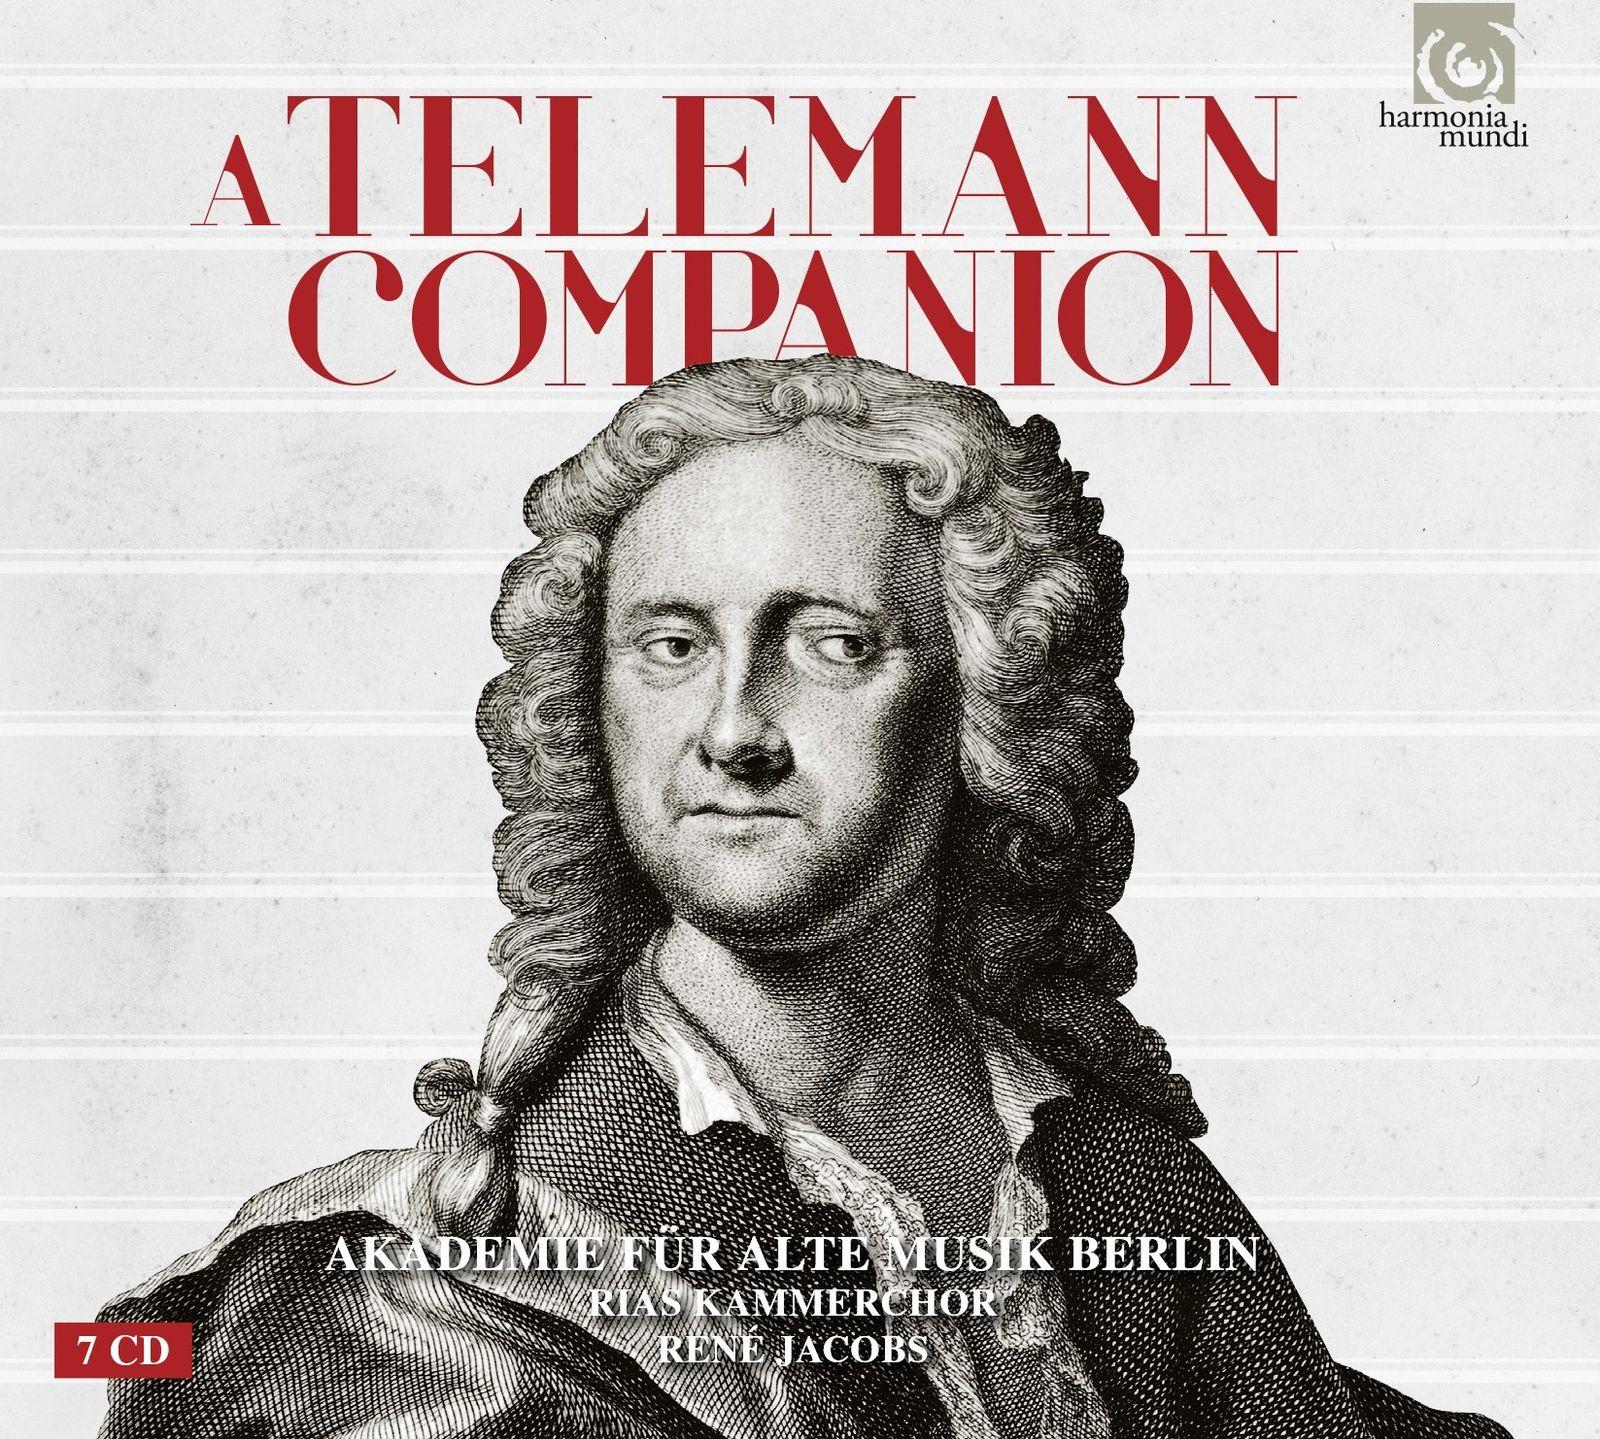 Akademie Fur Alte Musik Berlin. A Telemann Companion (7 CD) akademie fur alte musik berlin telemann concerti per molti stromenti